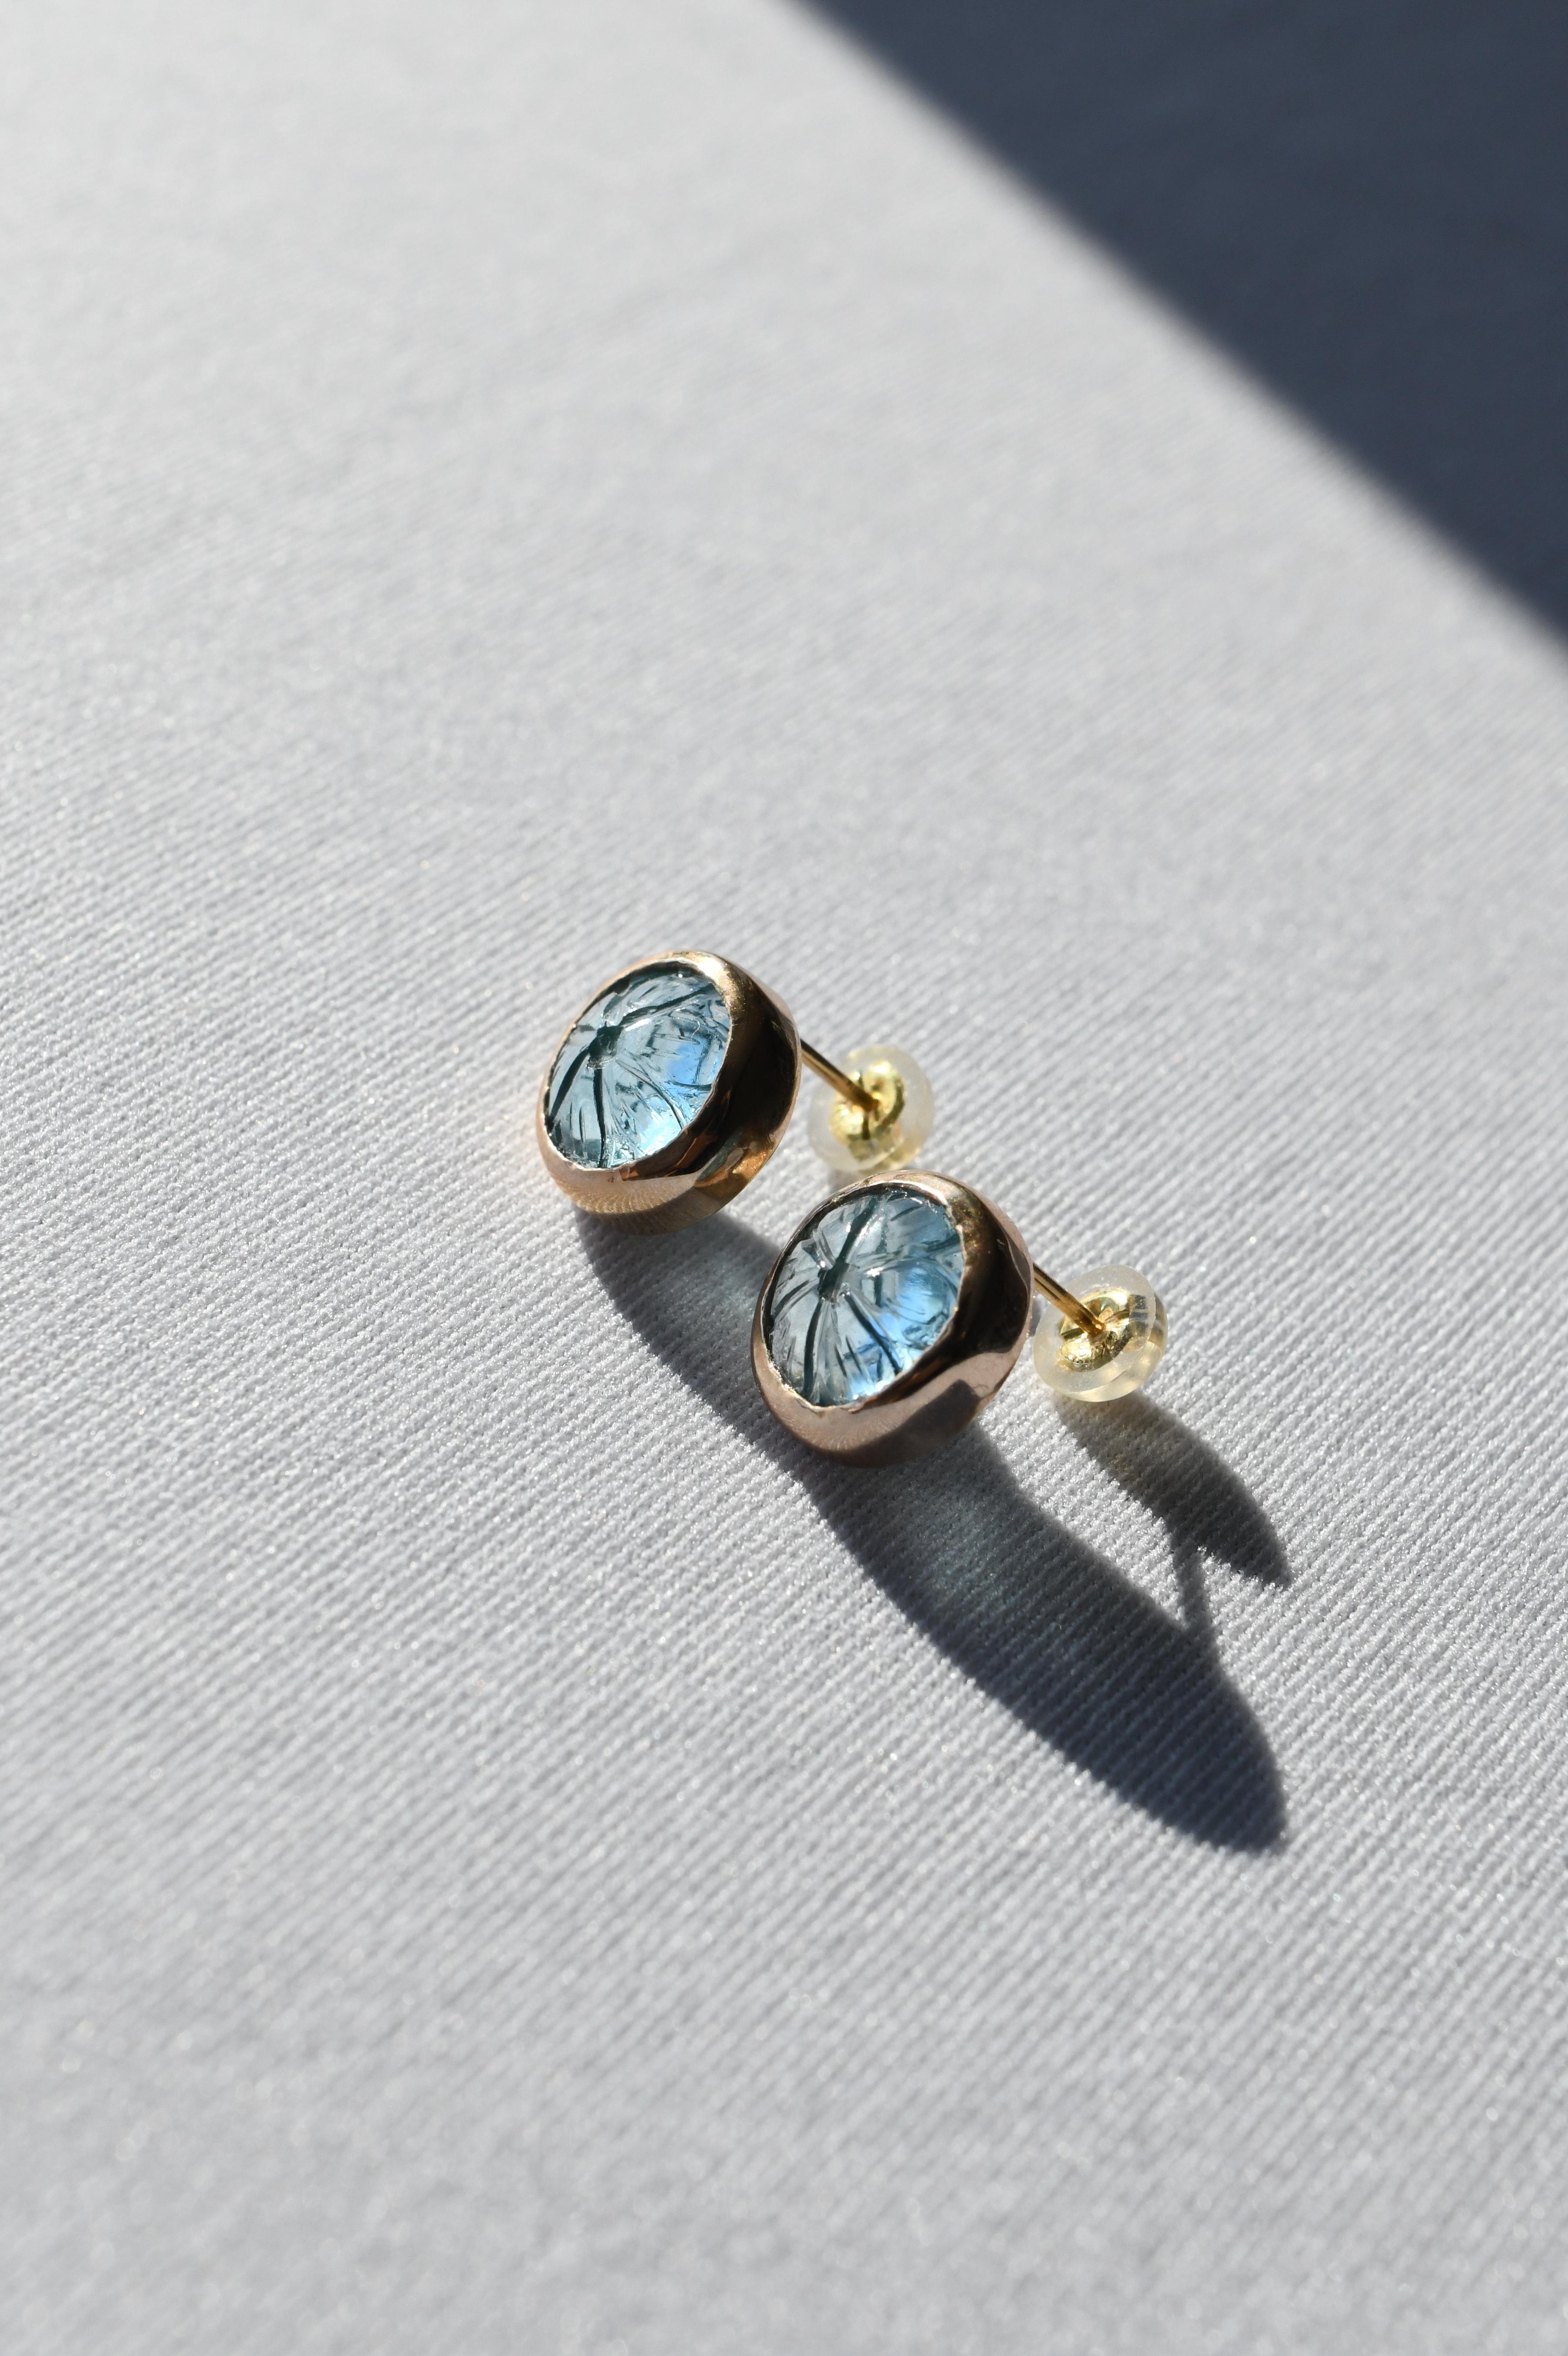 K10 Carving Round Blue Topaz Earrings 10金カービングラウンドブルートパーズスタッズピアス